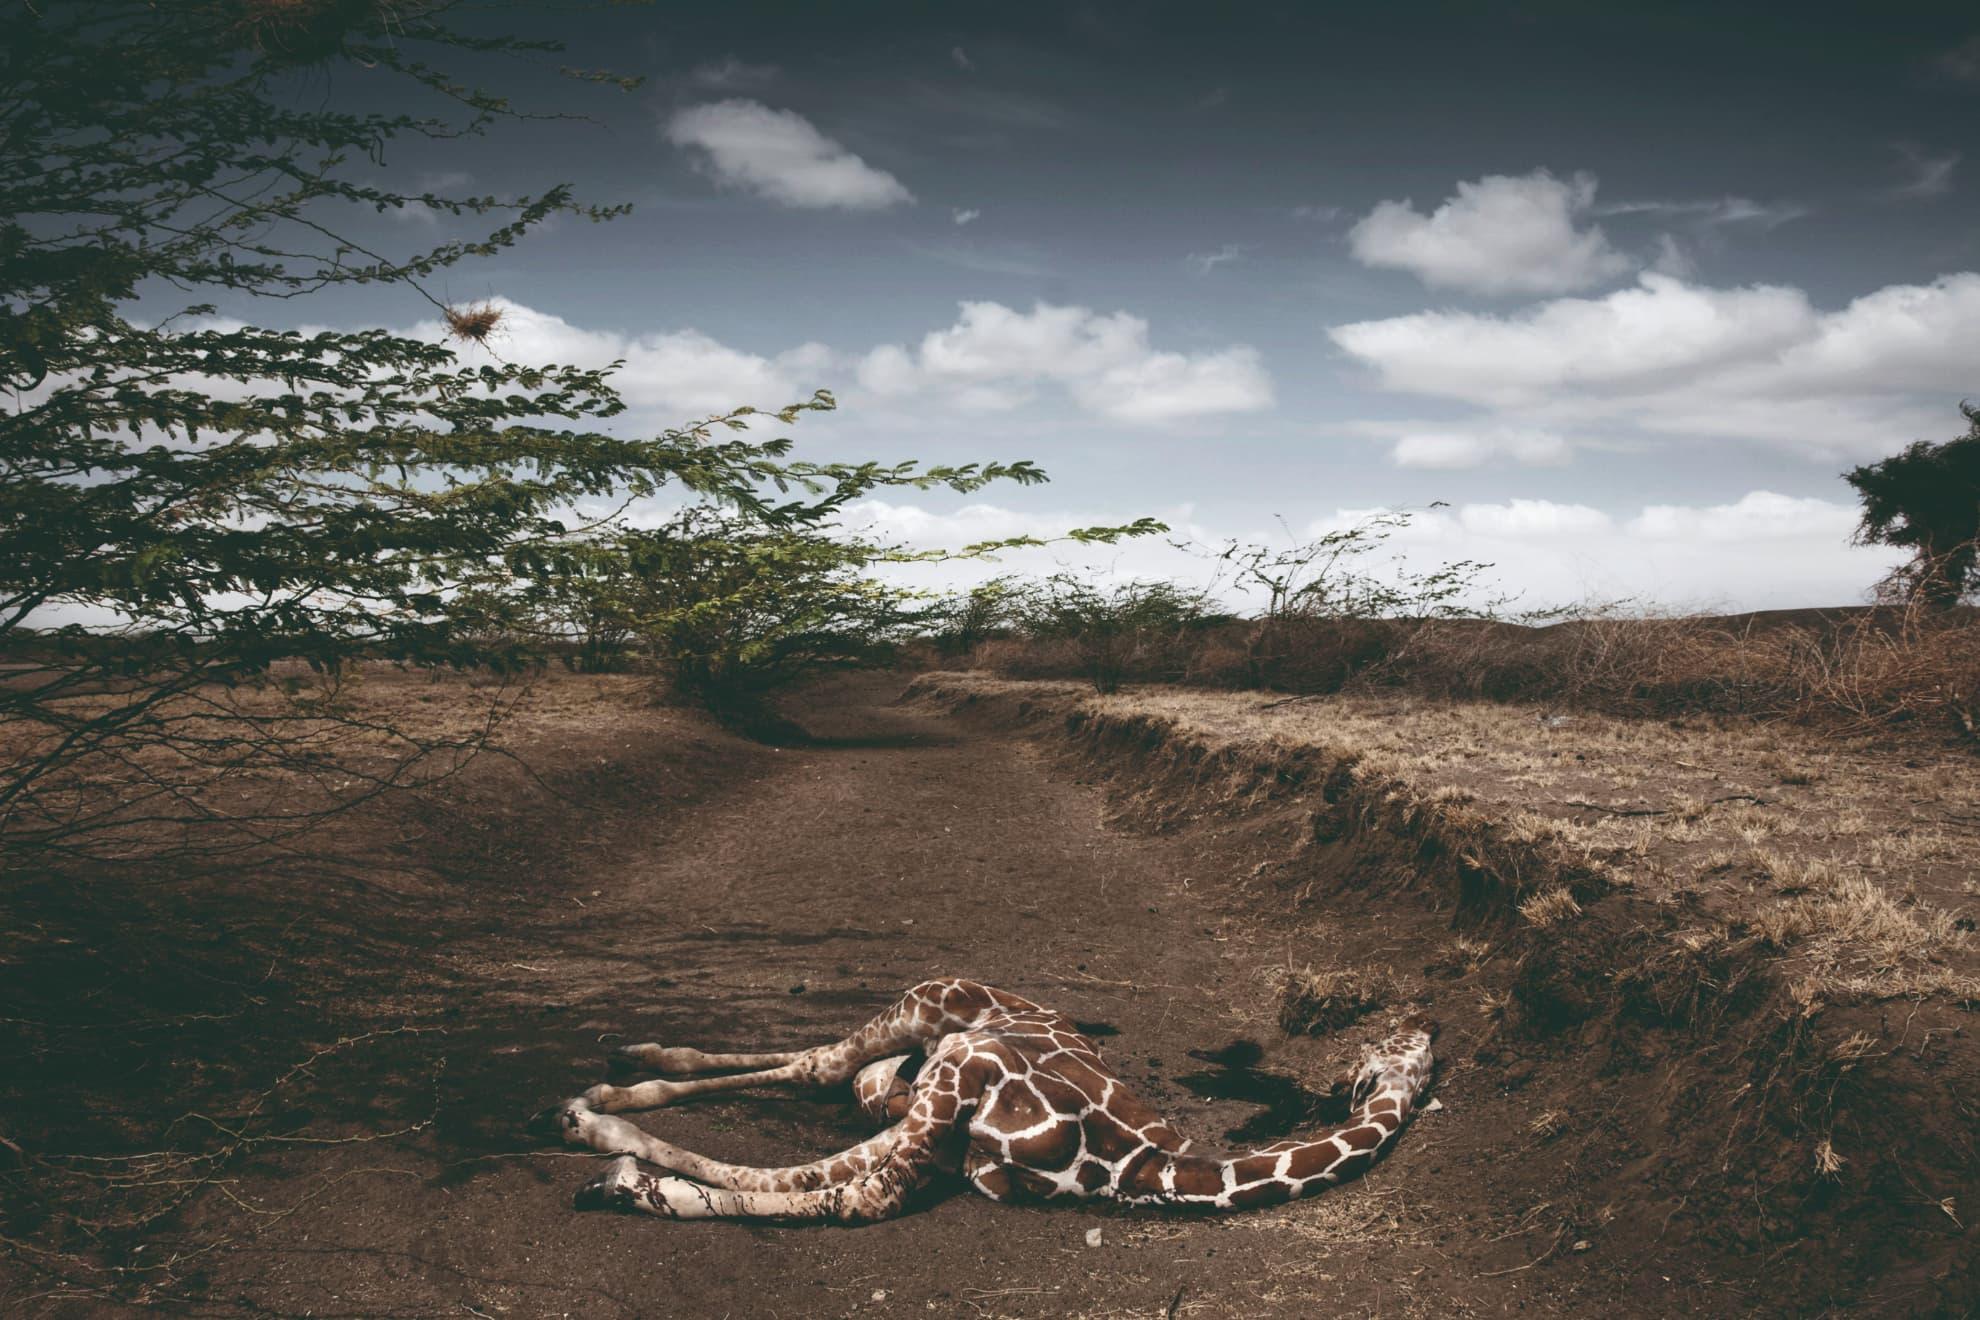 En la imagen, Jirafa muerta a causa de la sequía en la zona de Wajir, en la provincia Nororiental de Kenia. Octubre de 2009.